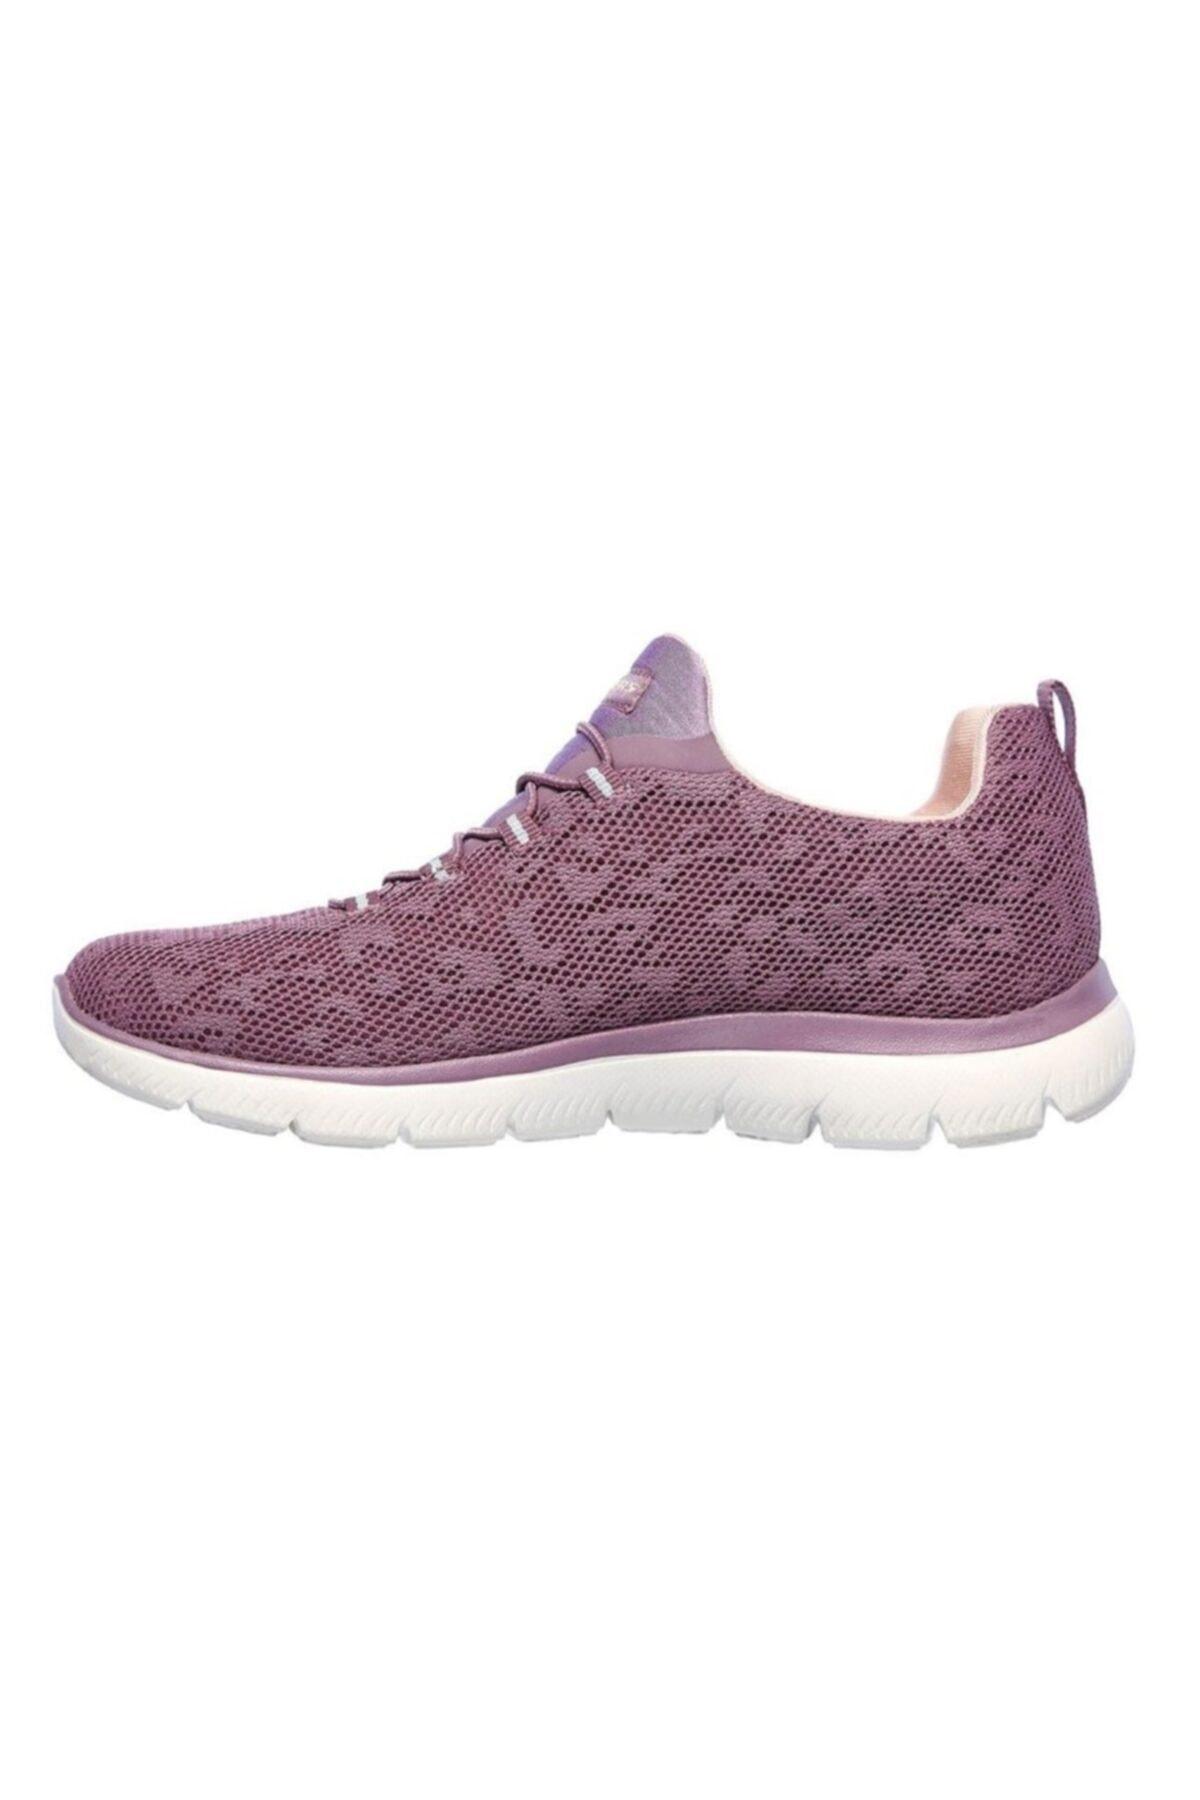 Skechers Kadın Günlük Ayakkabı 149037 Mve